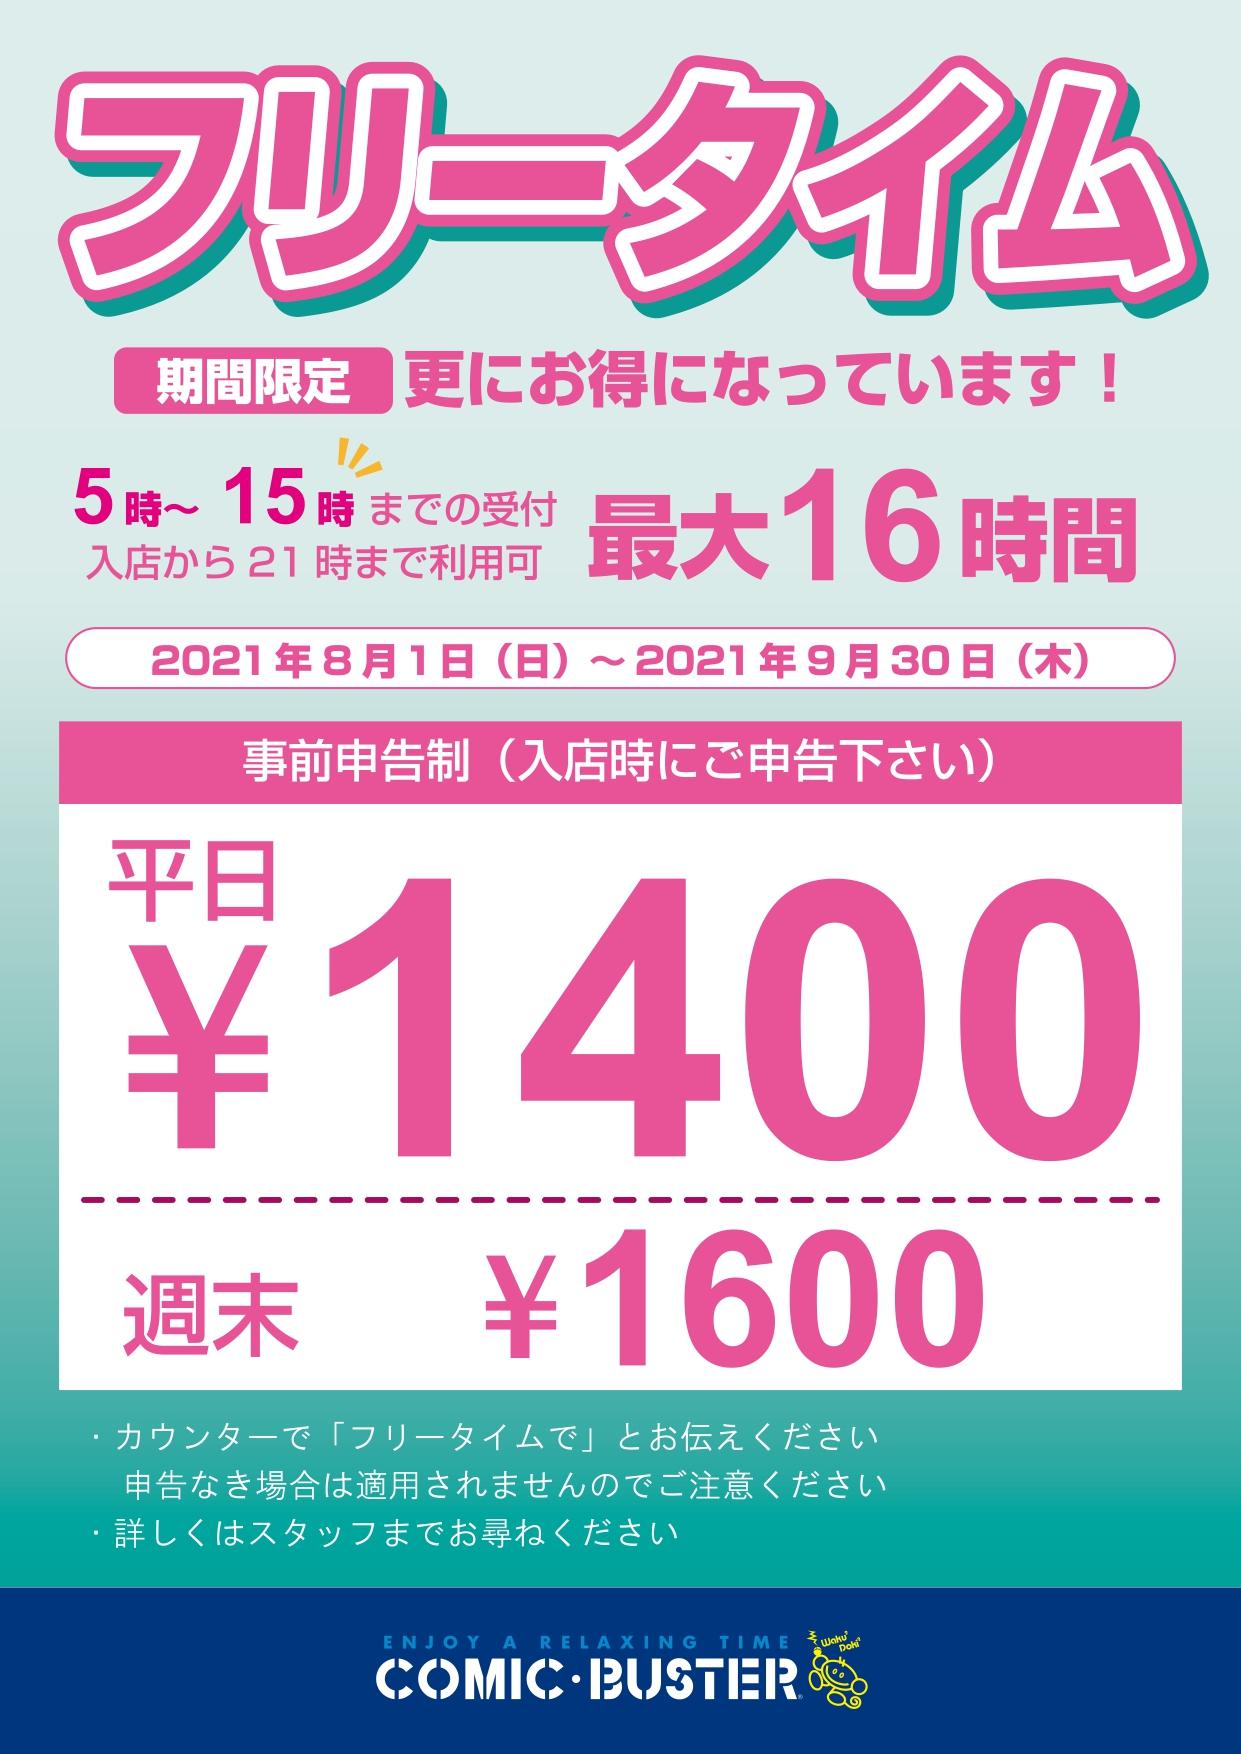 コミック・バスター王子サンスクエア店フリータイム